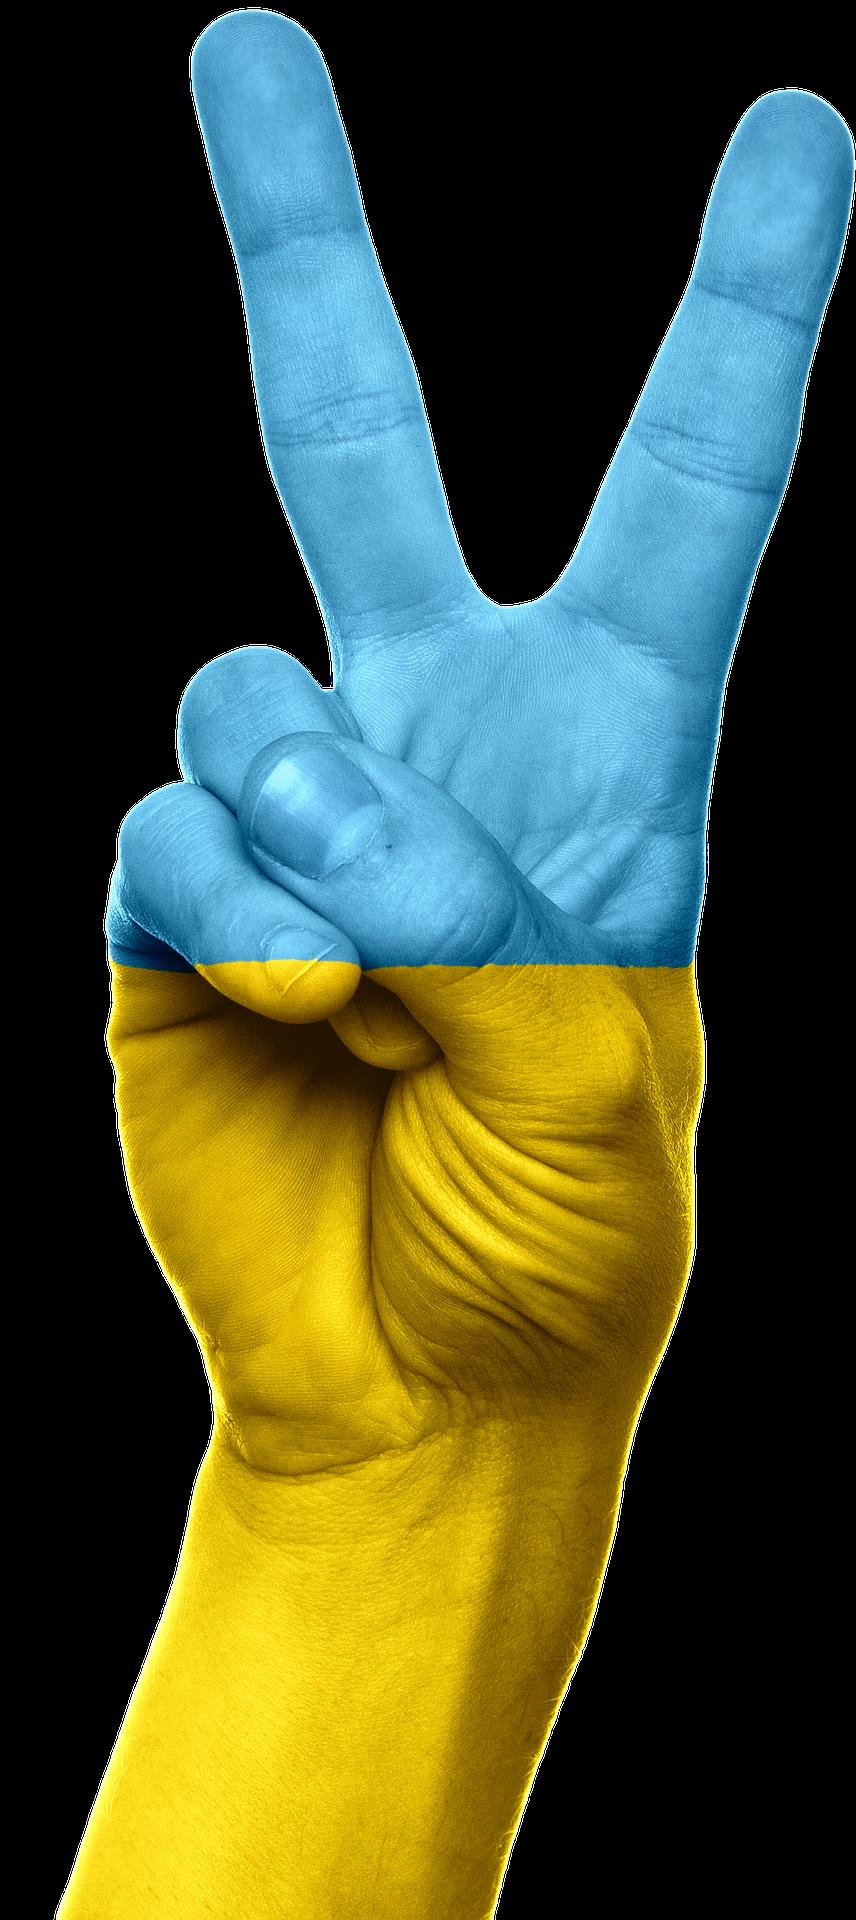 ukraine-643633_1920.png